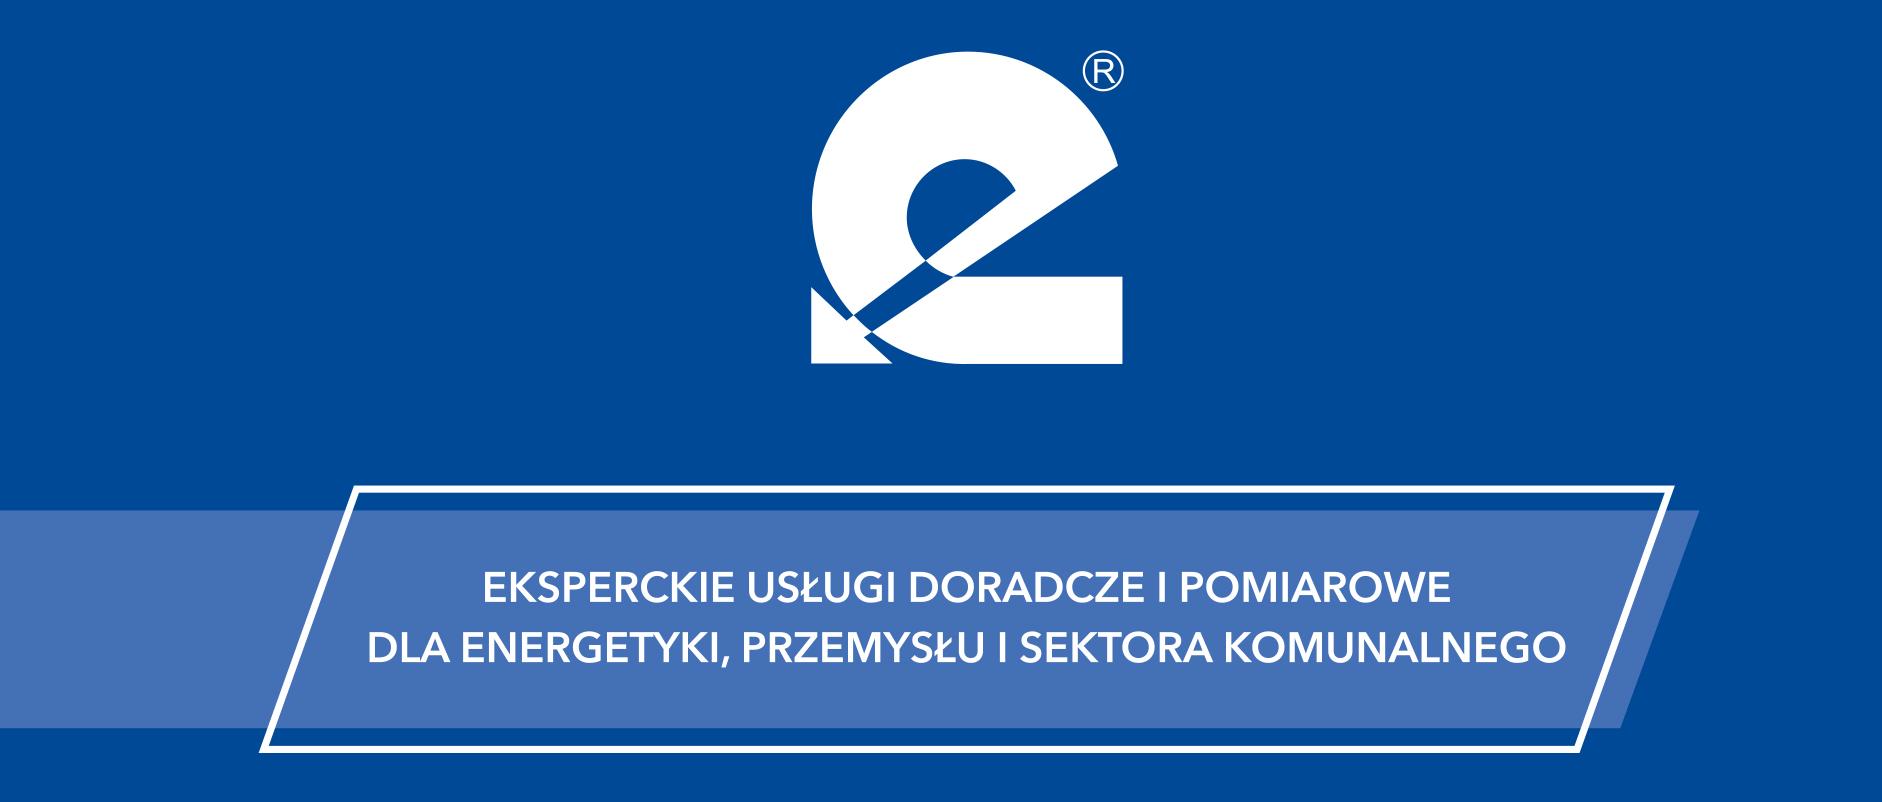 Dołącz do nas - Energopomiar